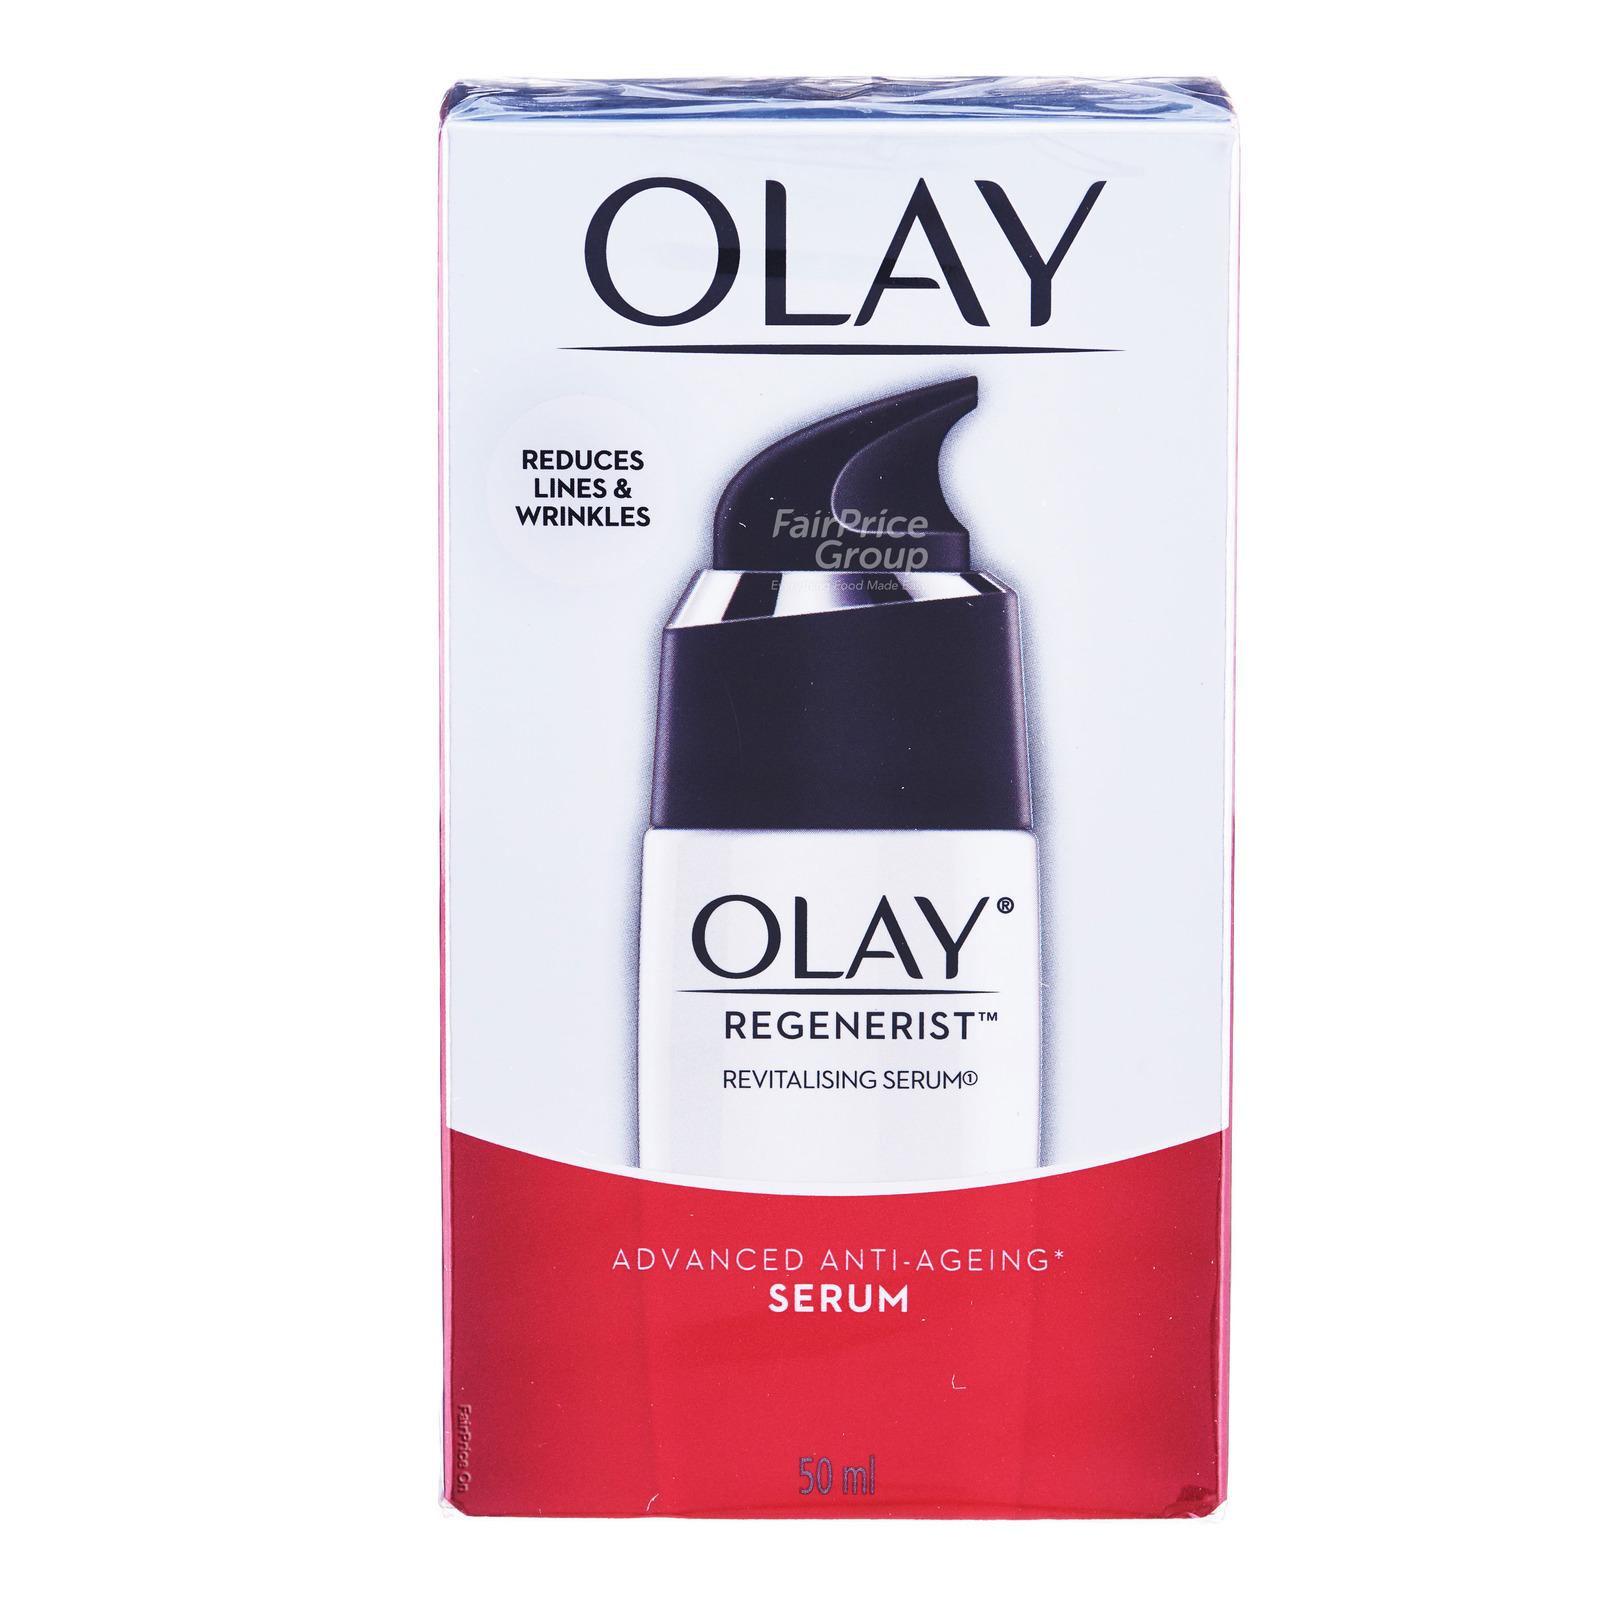 Olay Regenerist Revitalising Serum